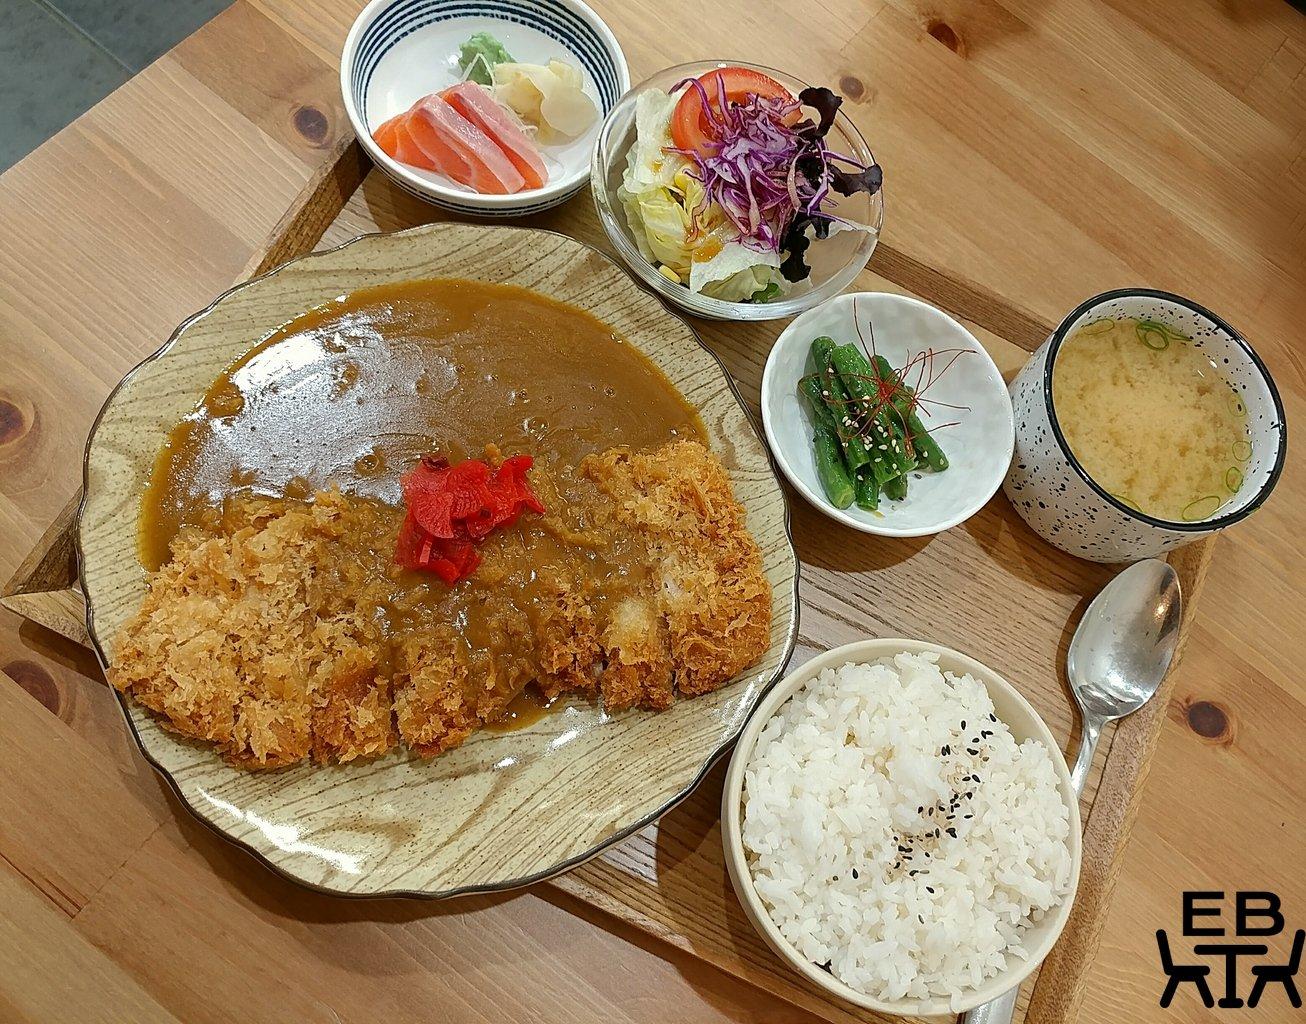 tokyo chubo chicken katsu